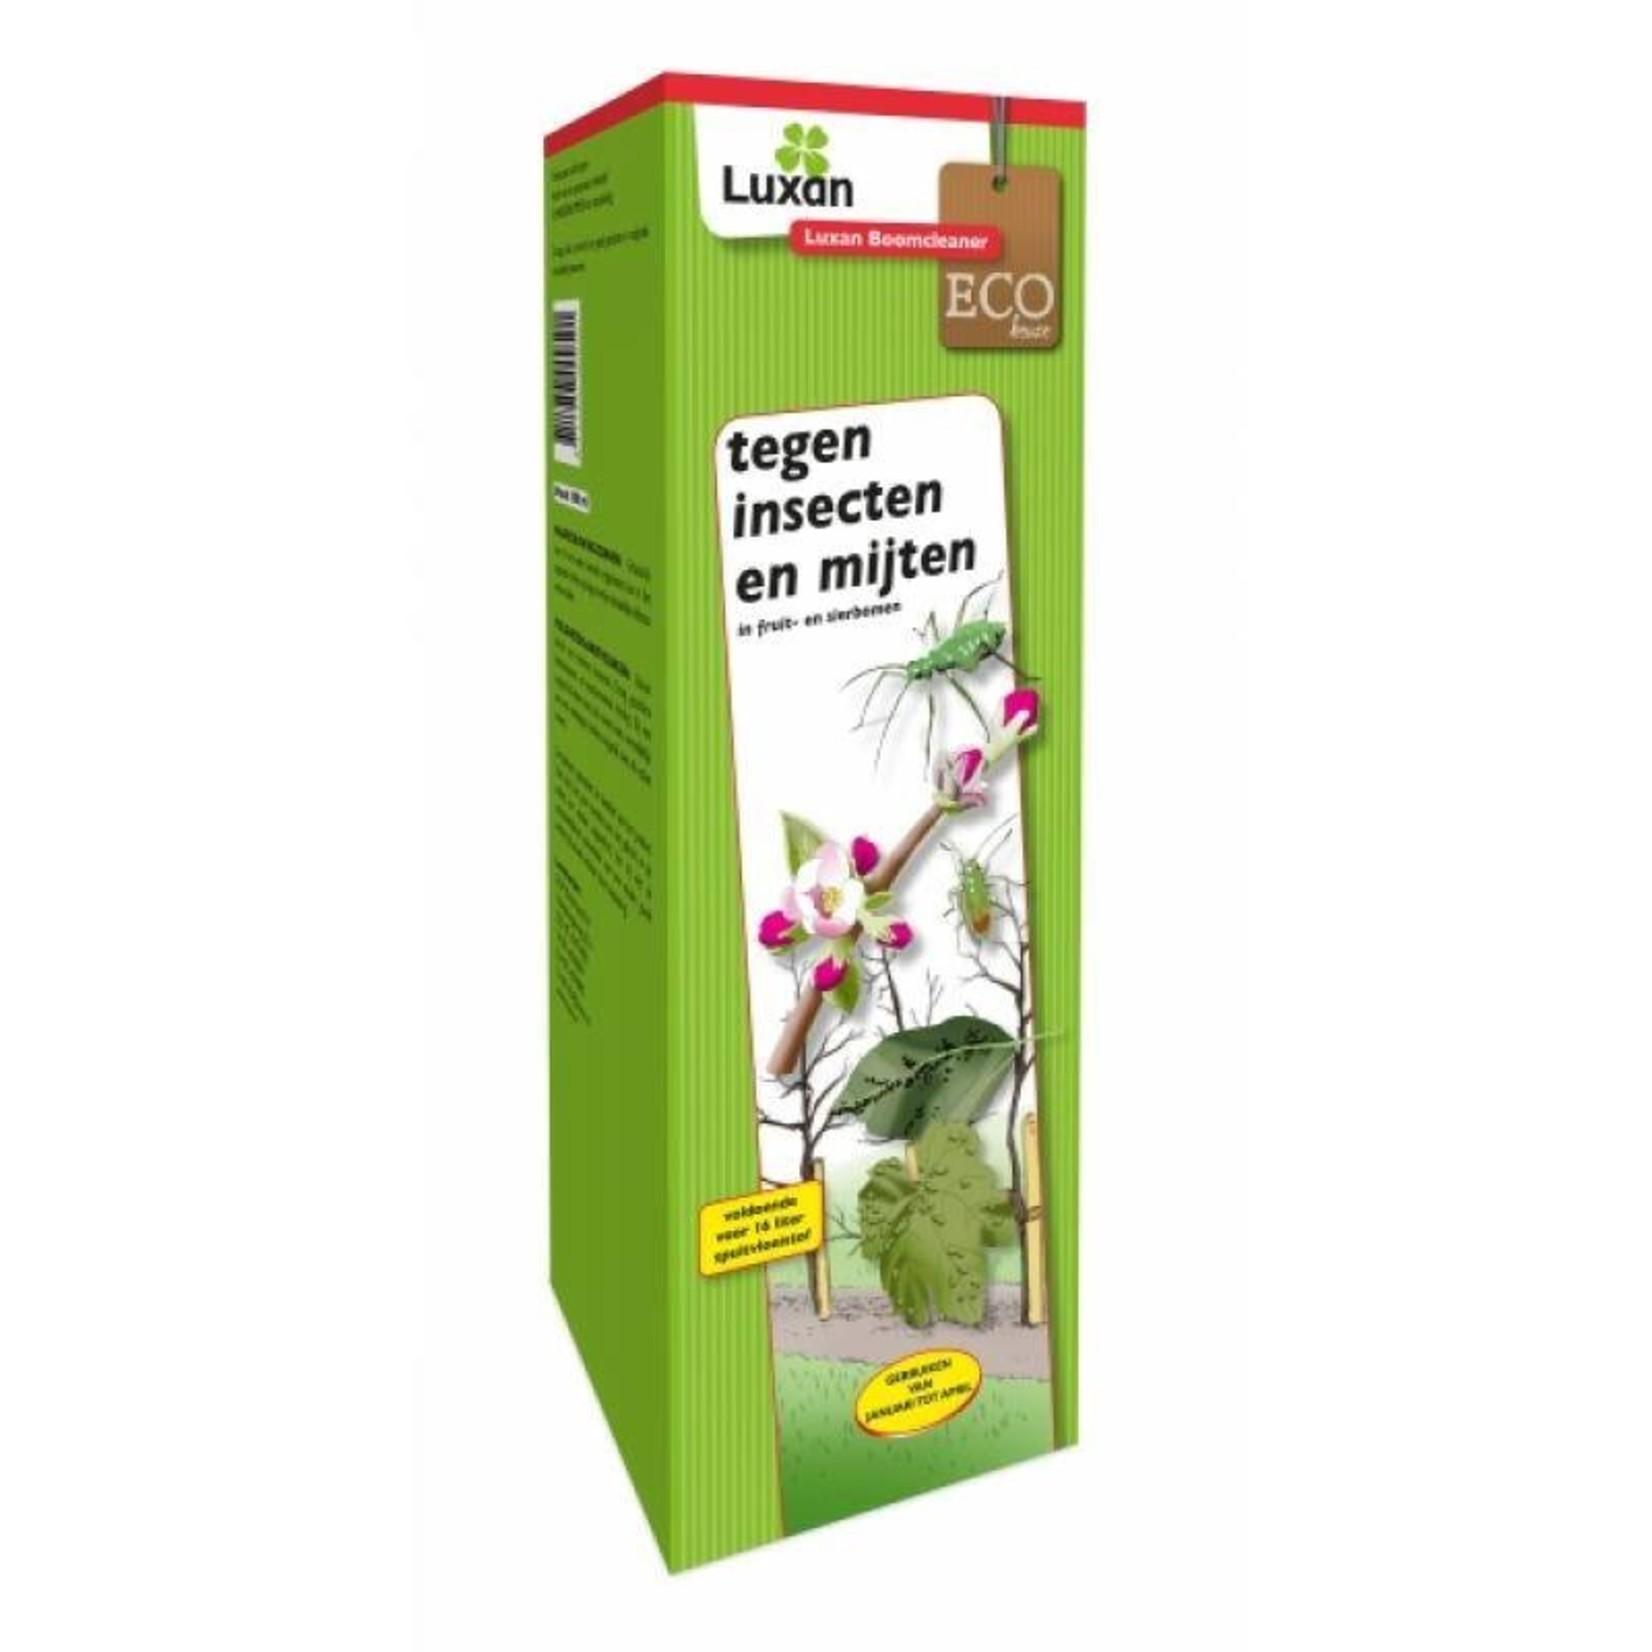 Luxan Boomcleaner tegen insecten 1 Liter